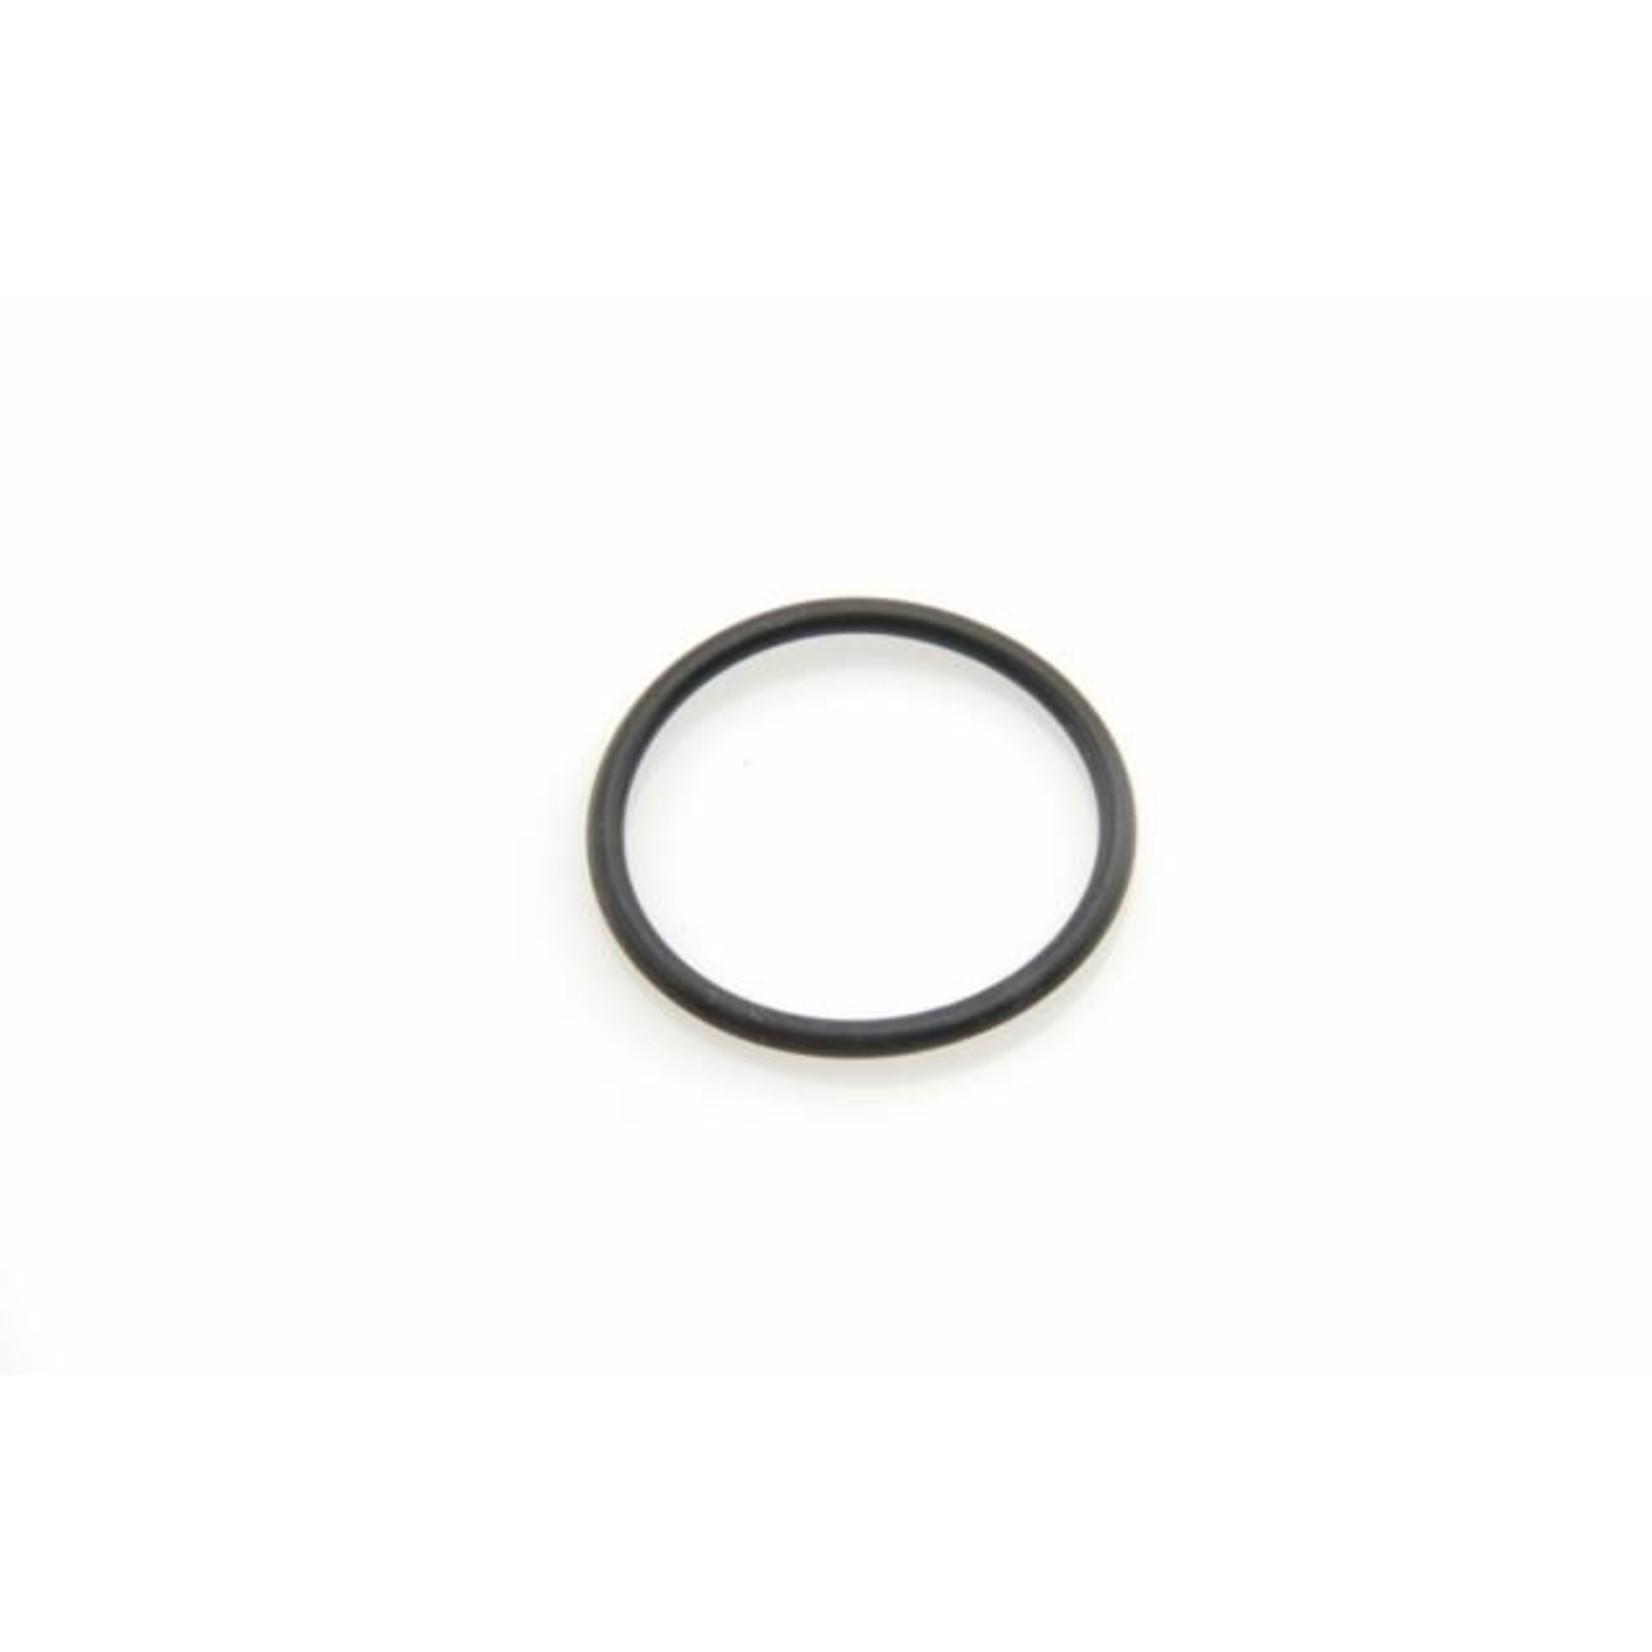 Hoofdremcilinderrubber alu o-ring Nr Org: 4864S